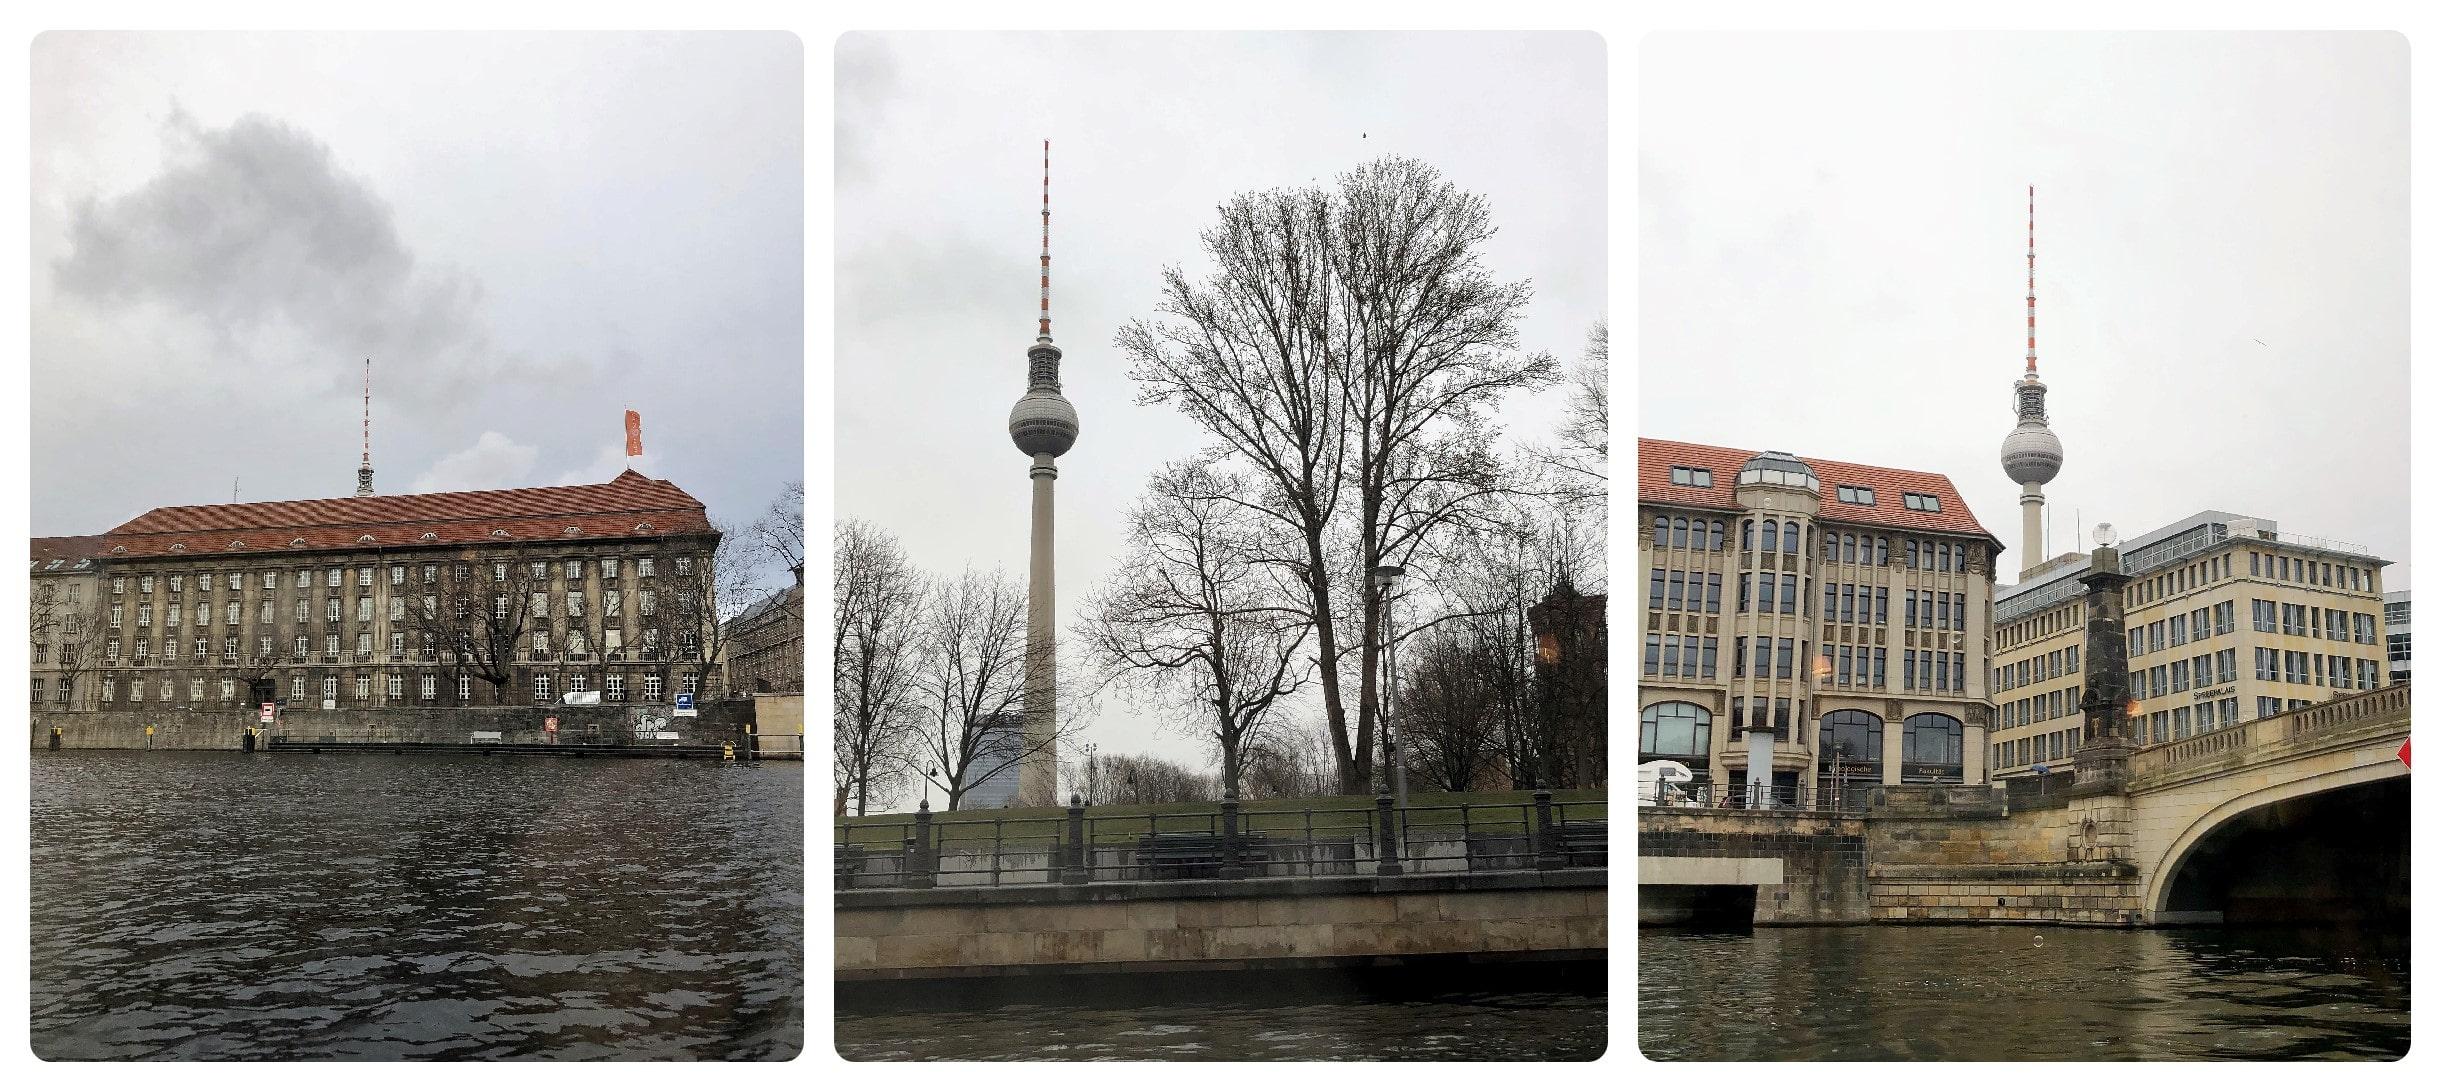 Fernsehturm bei Schiffsrundfahrt Berlin auf der Spree